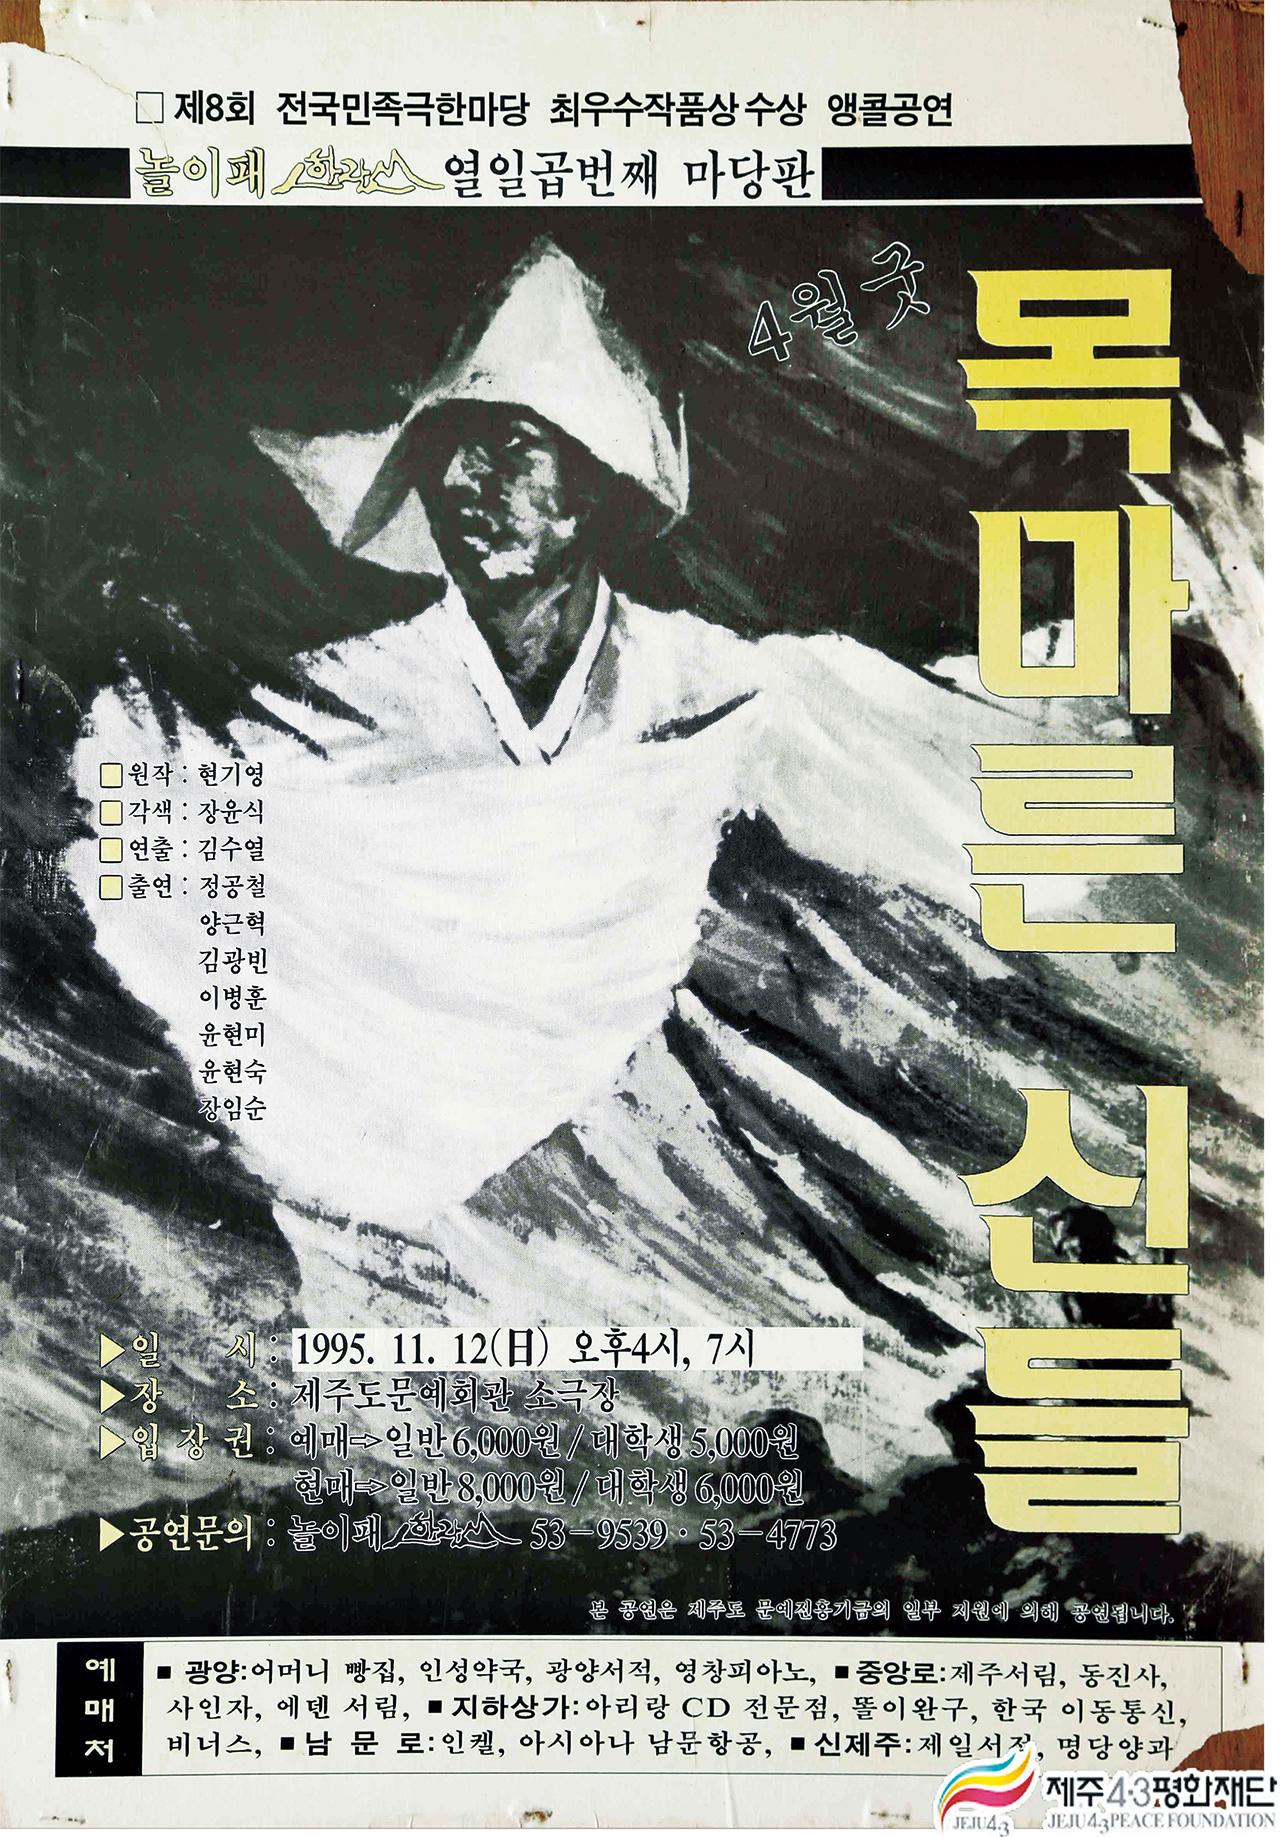 <목마른 신들> 포스터 놀이패 한라산 4월굿